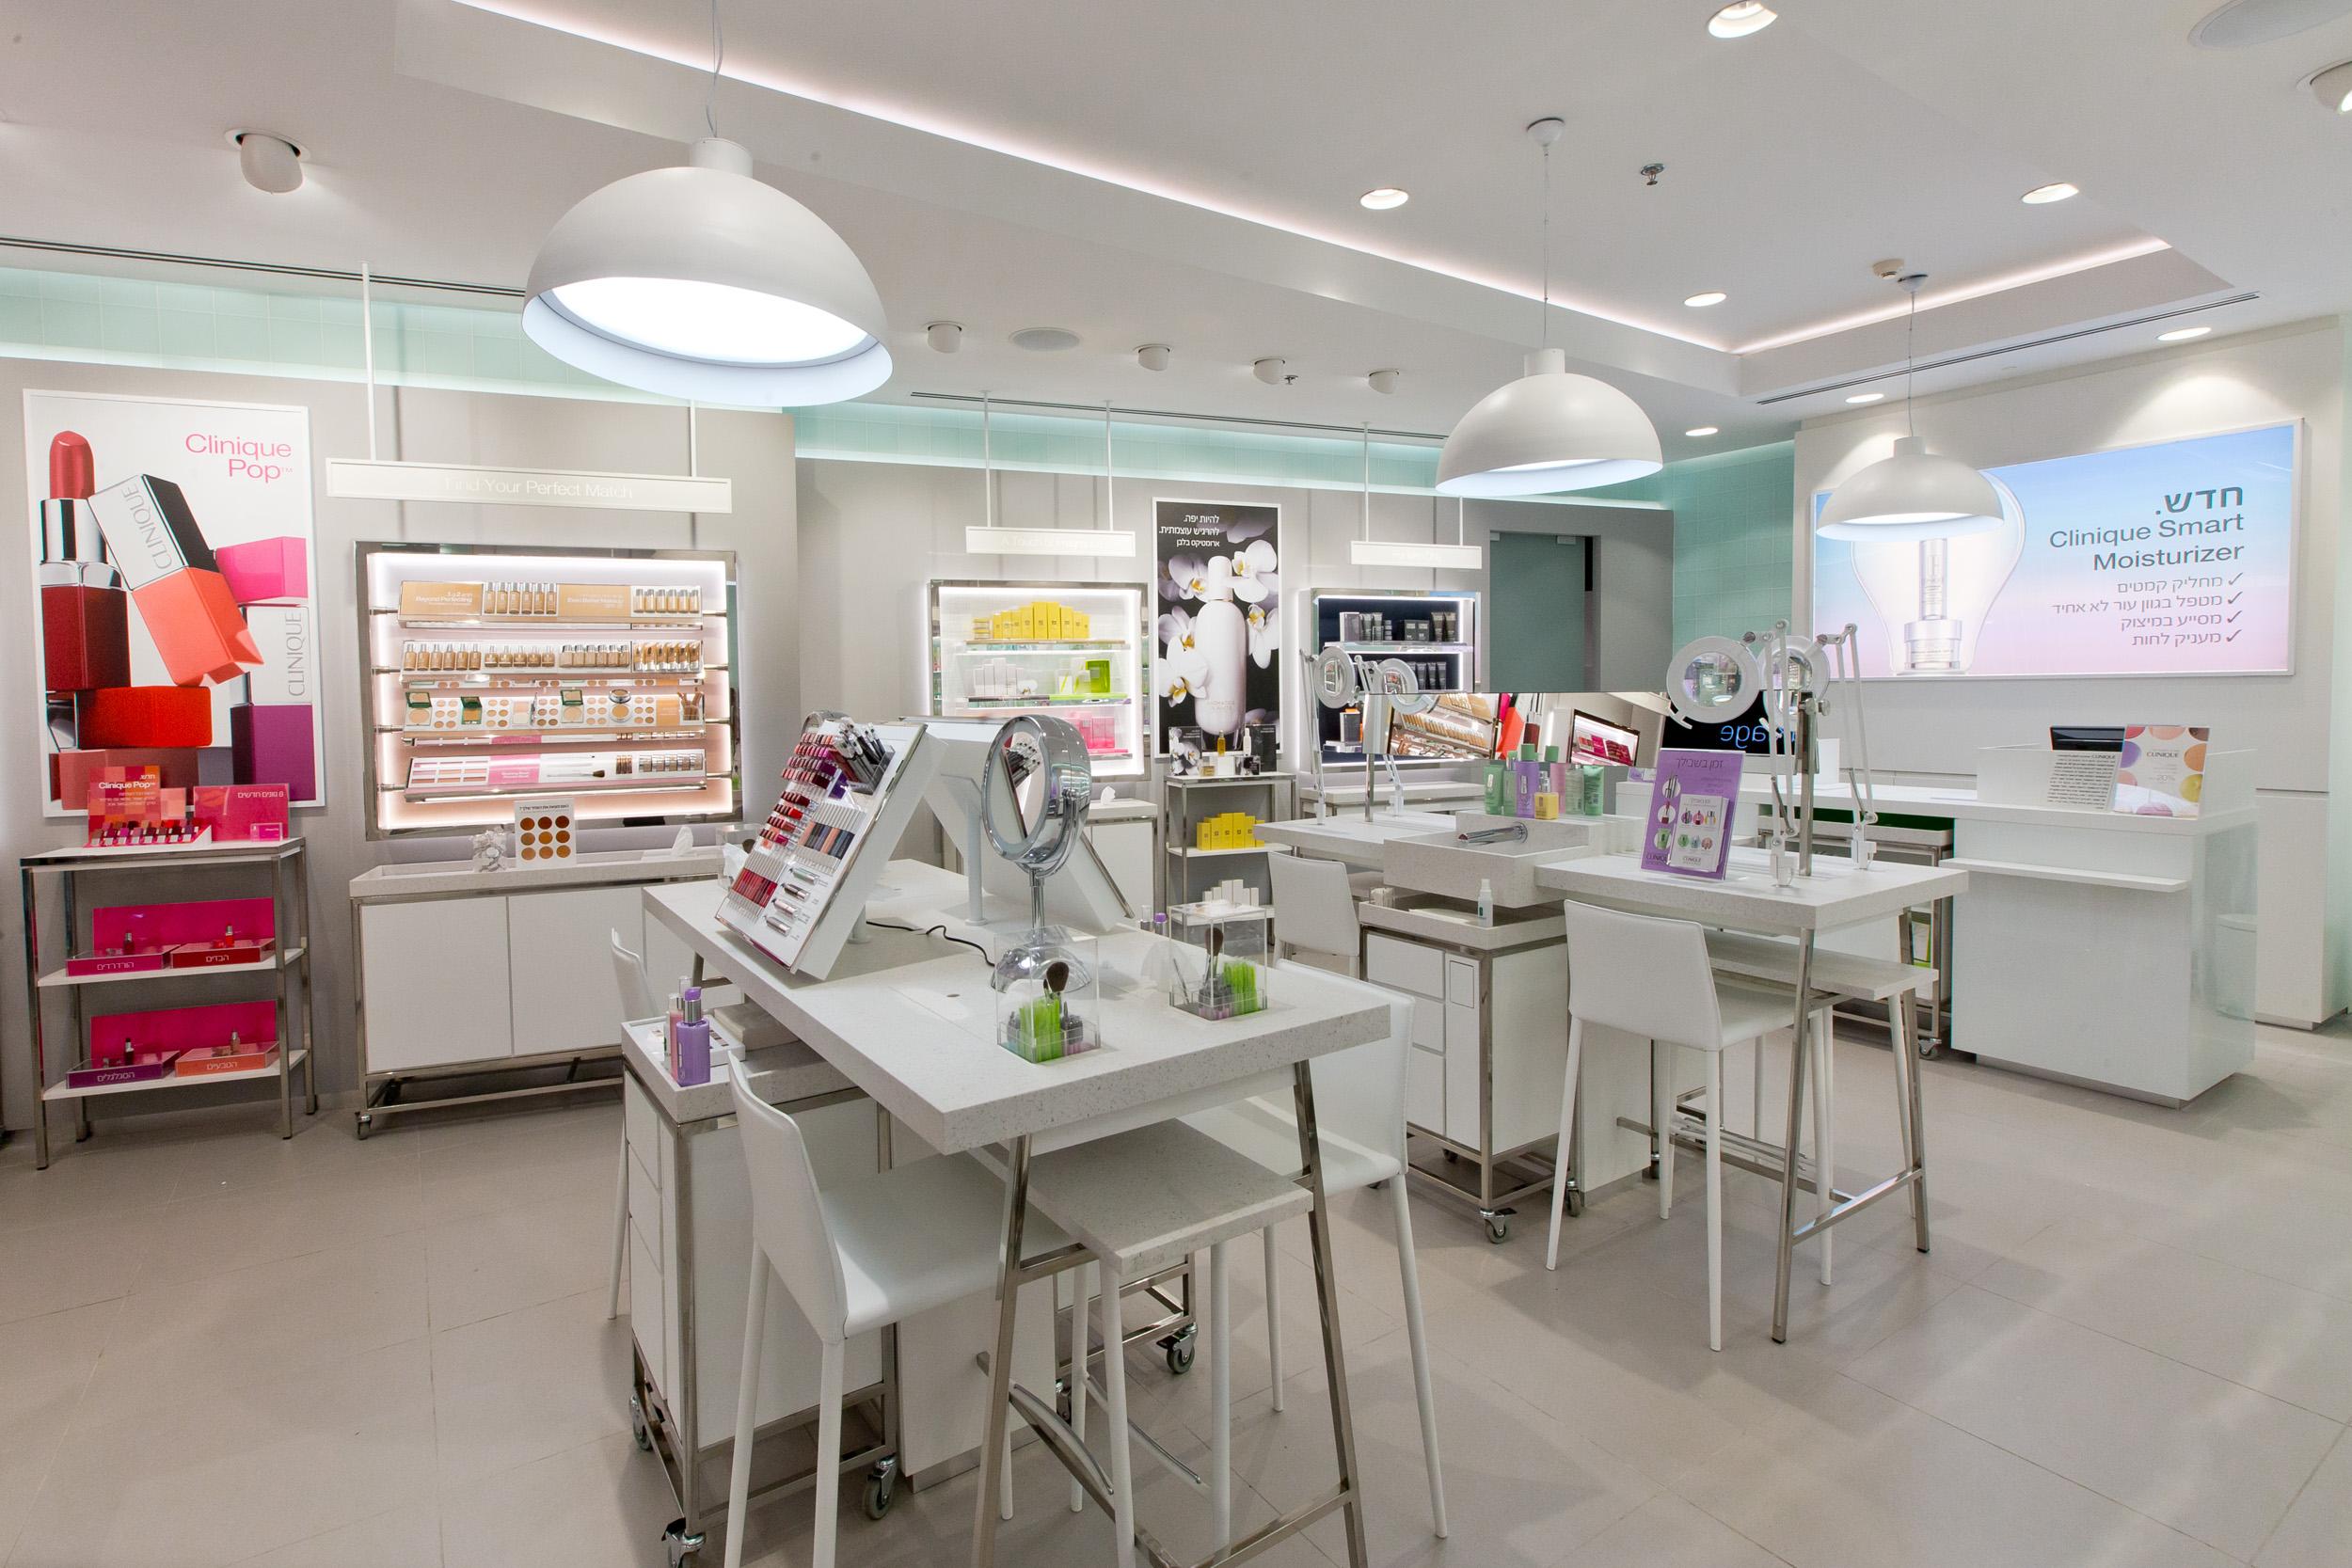 8 Марта и каждый день: устройте себе День Счастья в концепт-бутике Clinique – бесплатно и без обязательств!